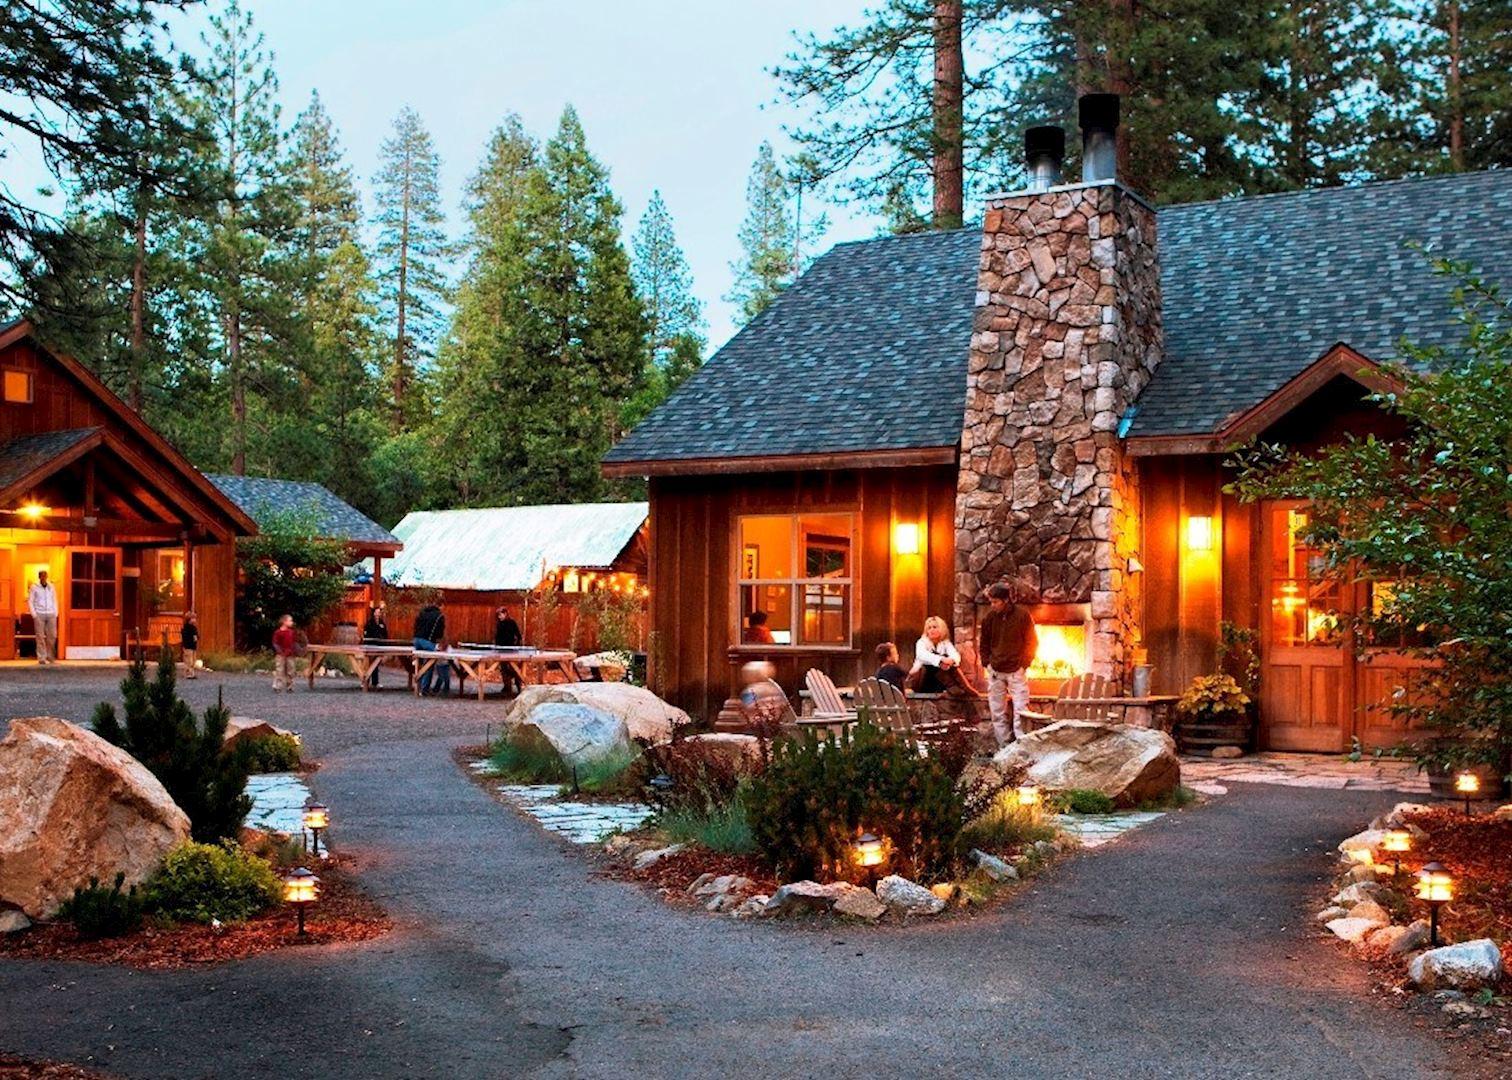 Evergreen Lodge Yosemite Accommodation Audley Travel